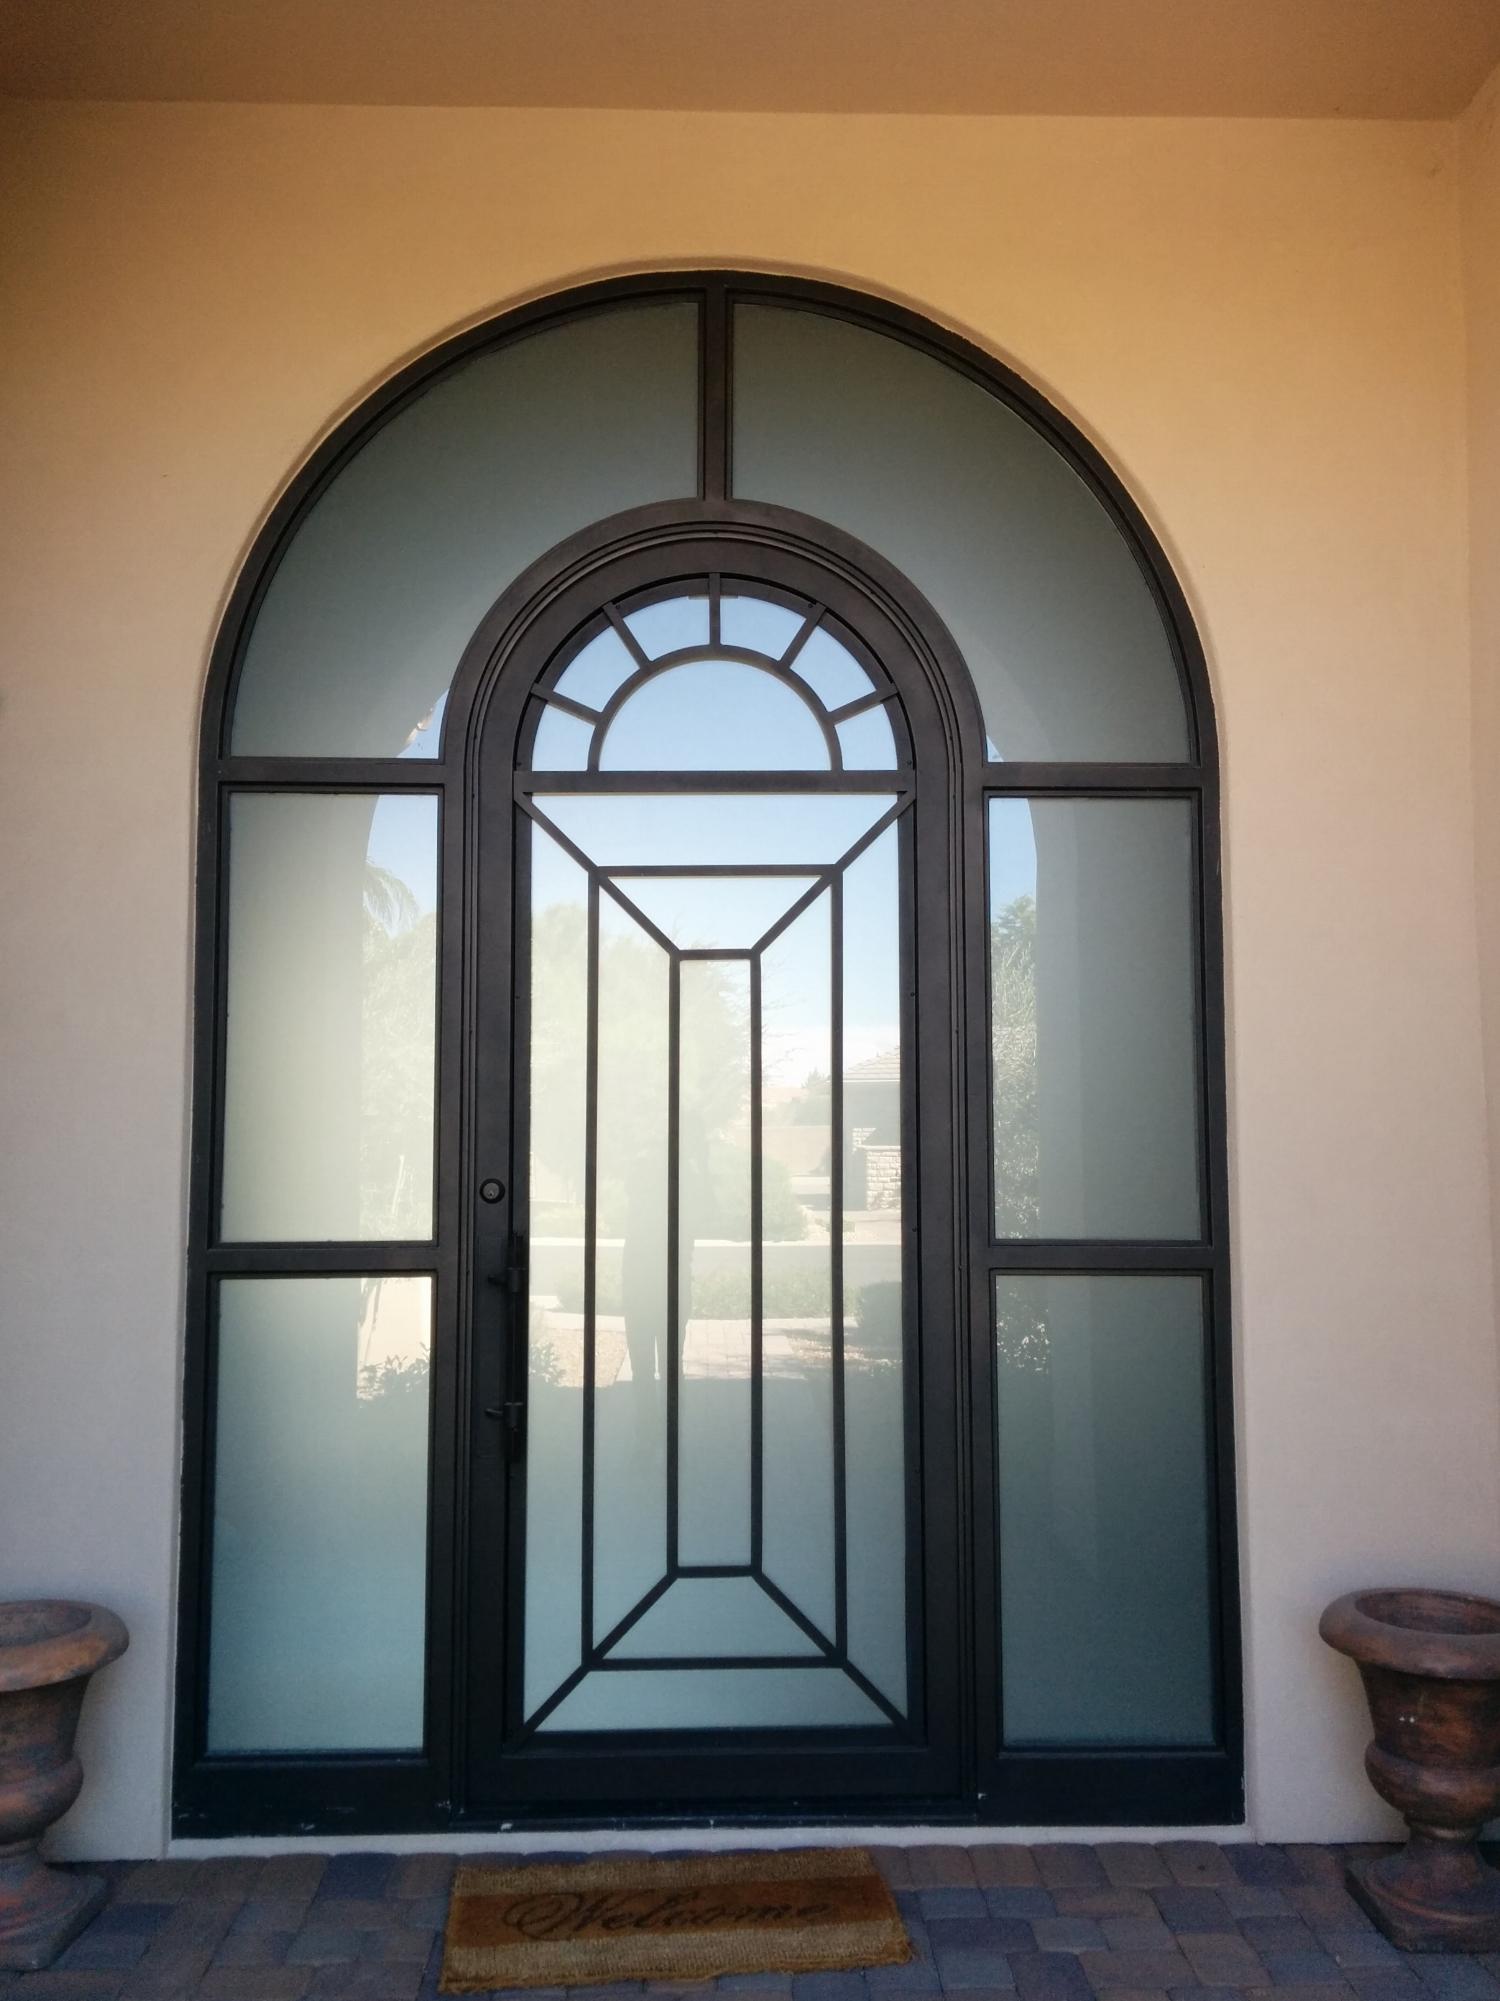 CONTEMPORARY STEEL AND GLASS DOOR 15